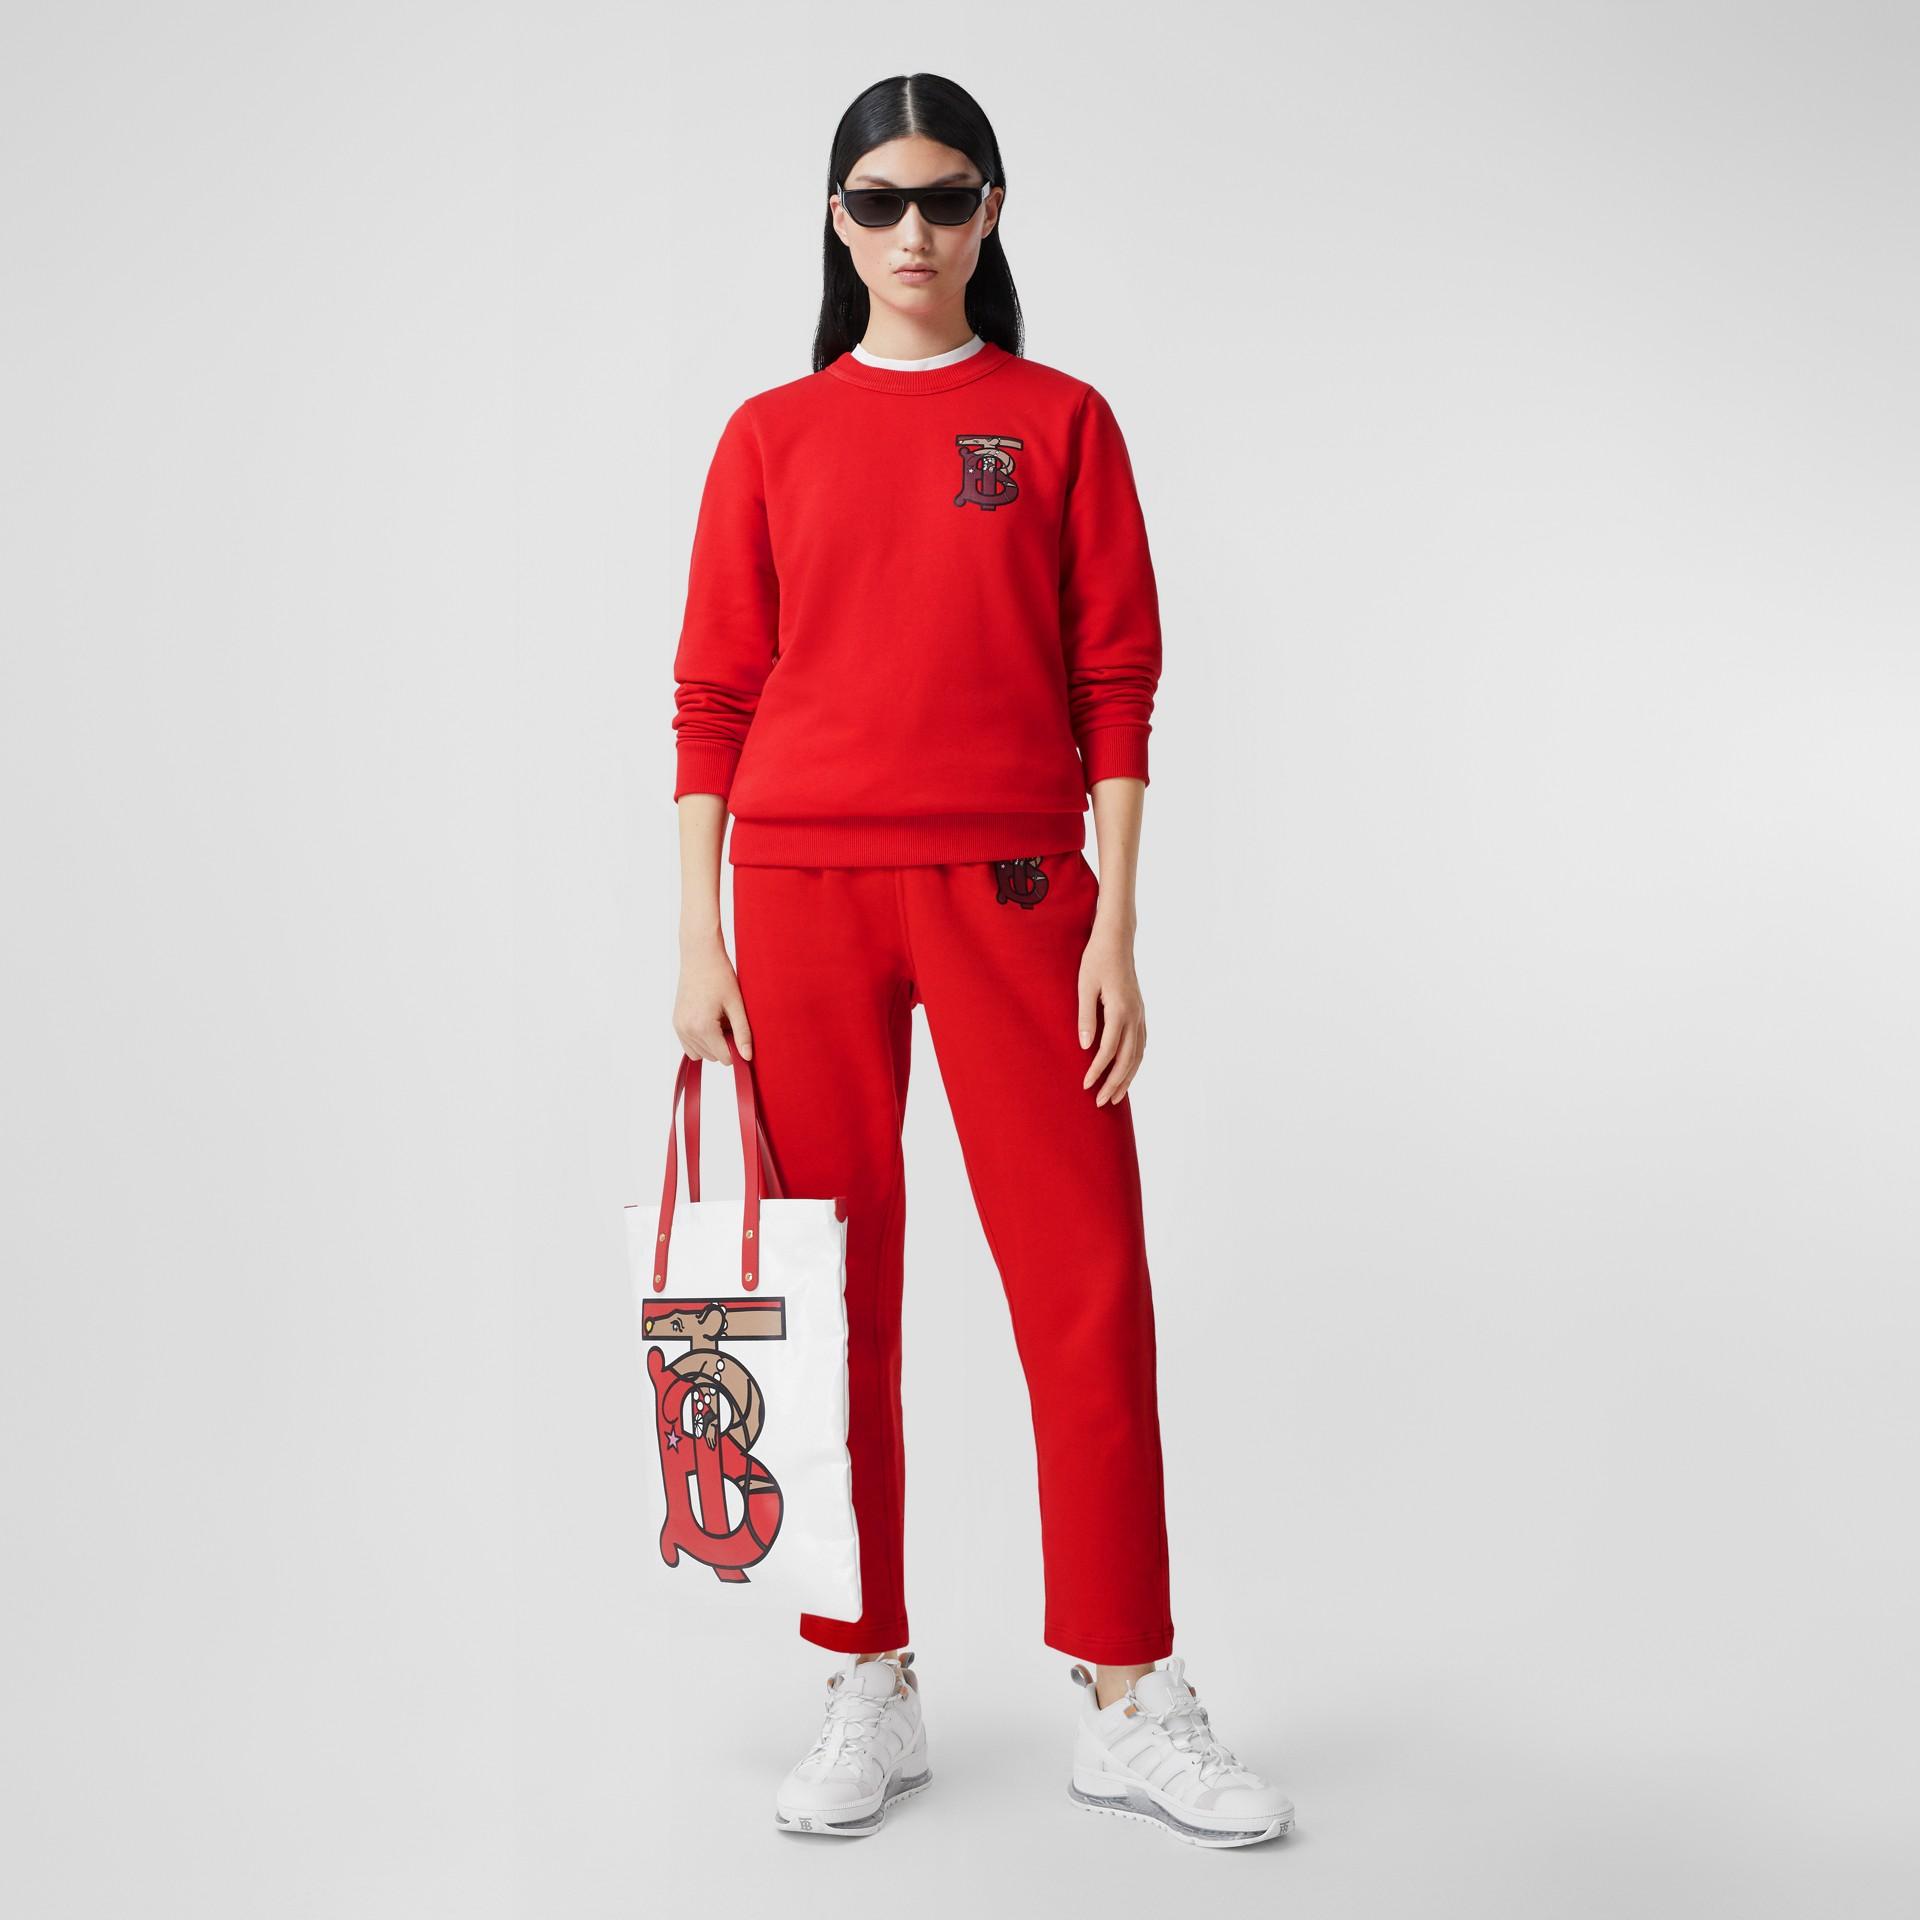 花押字圖案棉質寬版運動衫 (亮紅色) - 女款 | Burberry - 圖庫照片 0